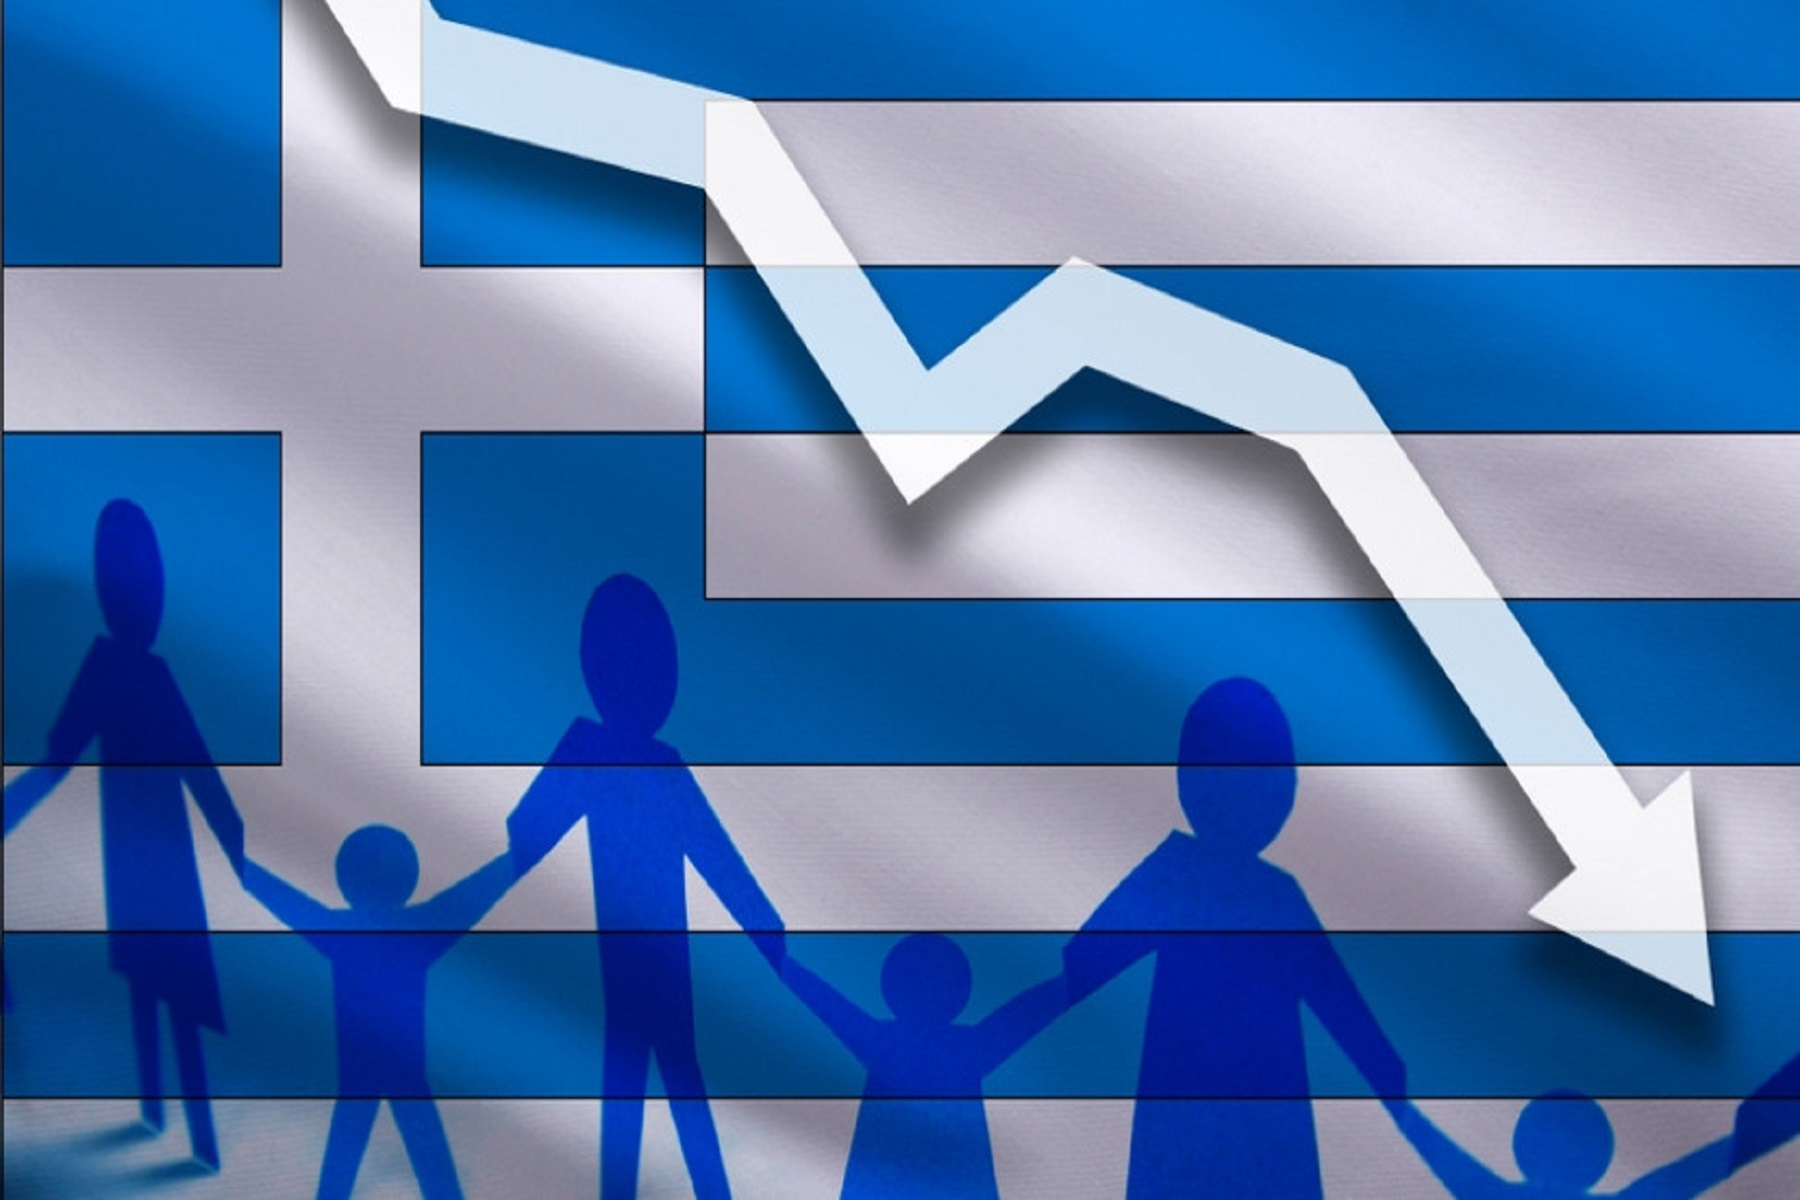 Υπογεννητικότητα Ν. Ευρώπη: Οι έμμεσες επιπτώσεις της covid-19 στις χώρες του νότου